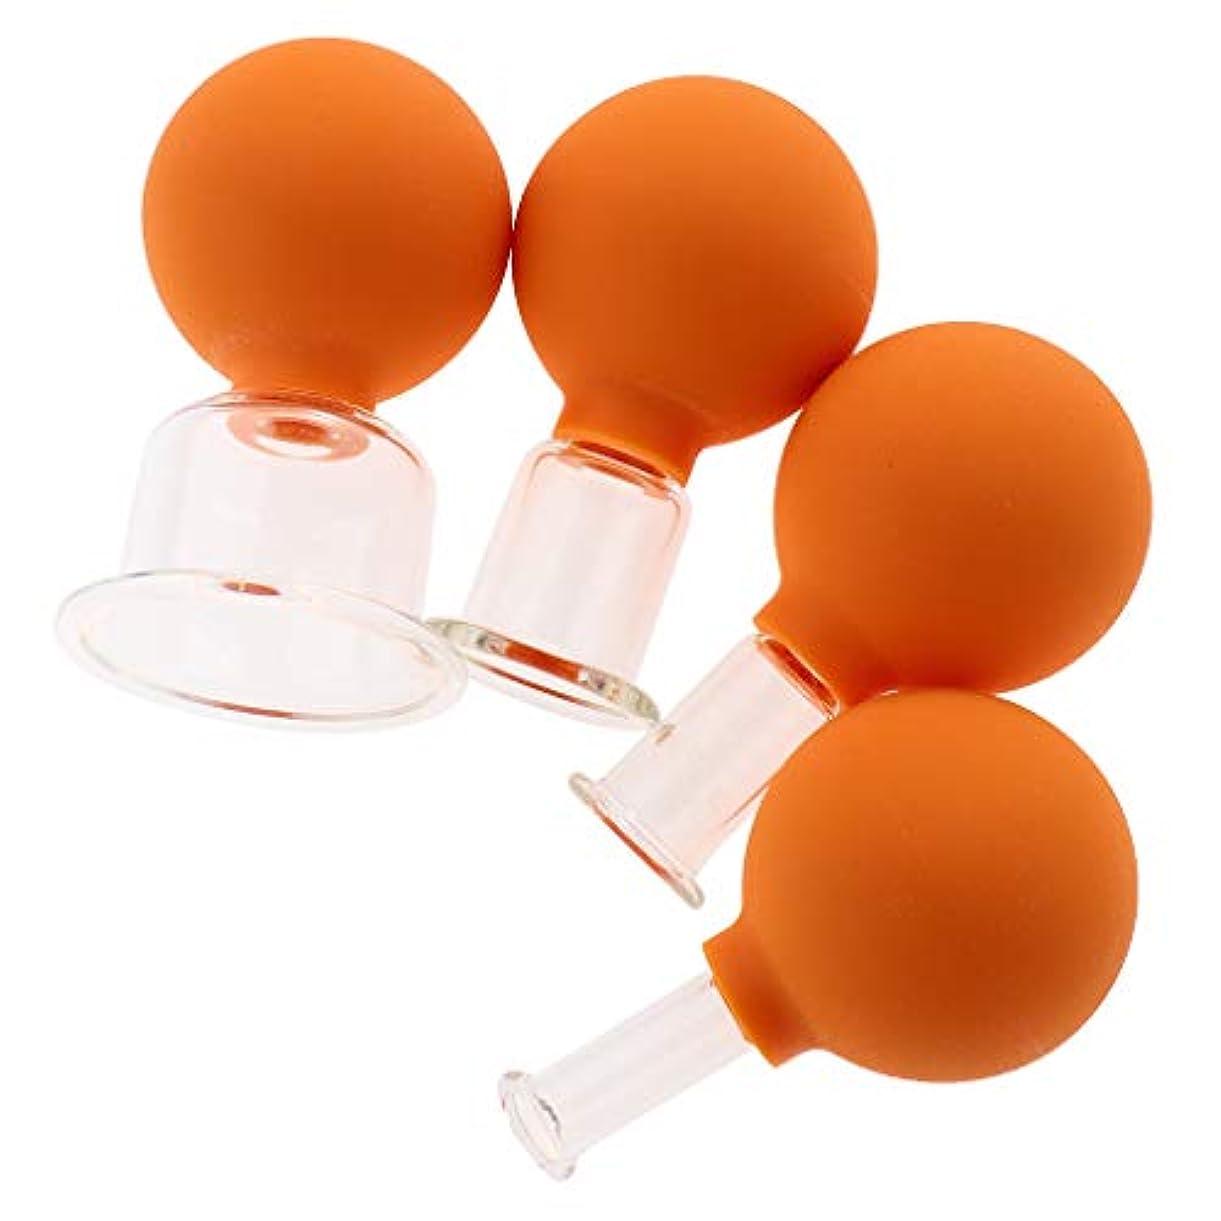 制裁ジャズジャンプF Fityle マッサージ吸い玉 マッサージカップ ガラスカッピング ゴム 真空 男女兼用 4個 全3色 - オレンジ